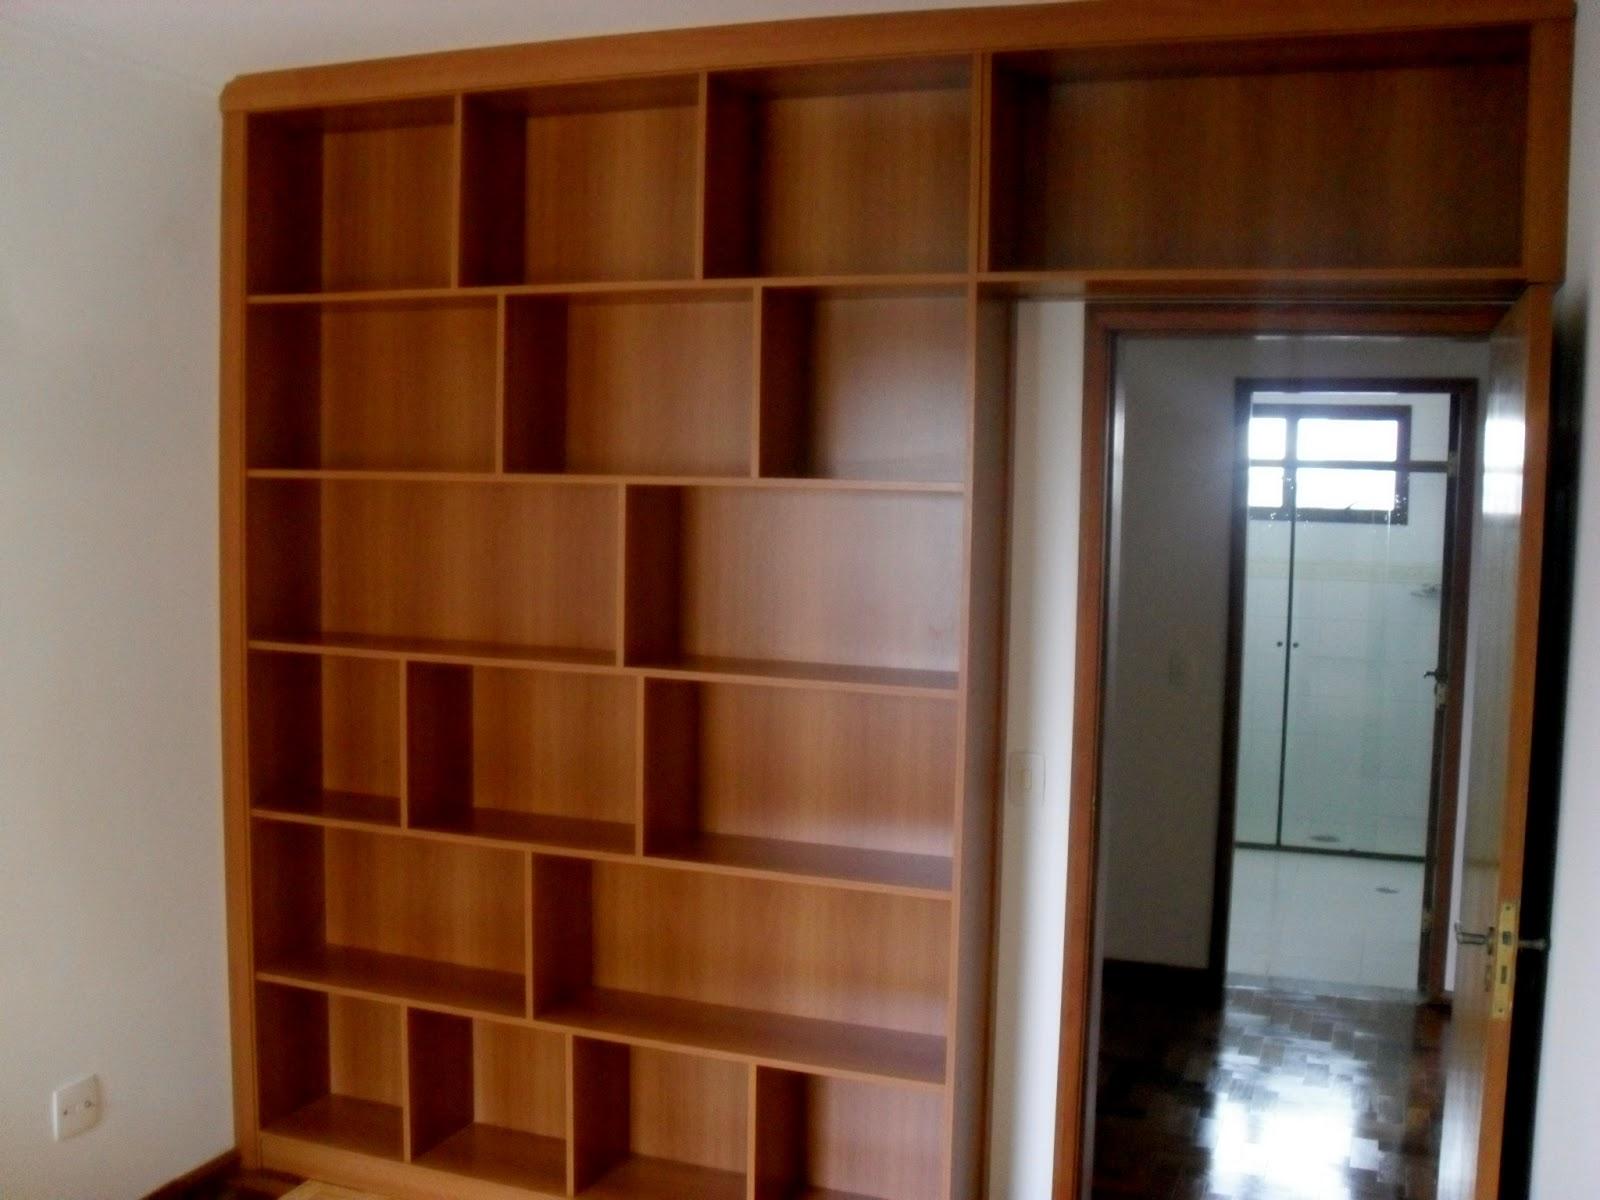 Foto: Estante para organizar livros. Amadeirado sempre mostra  #703711 1600x1200